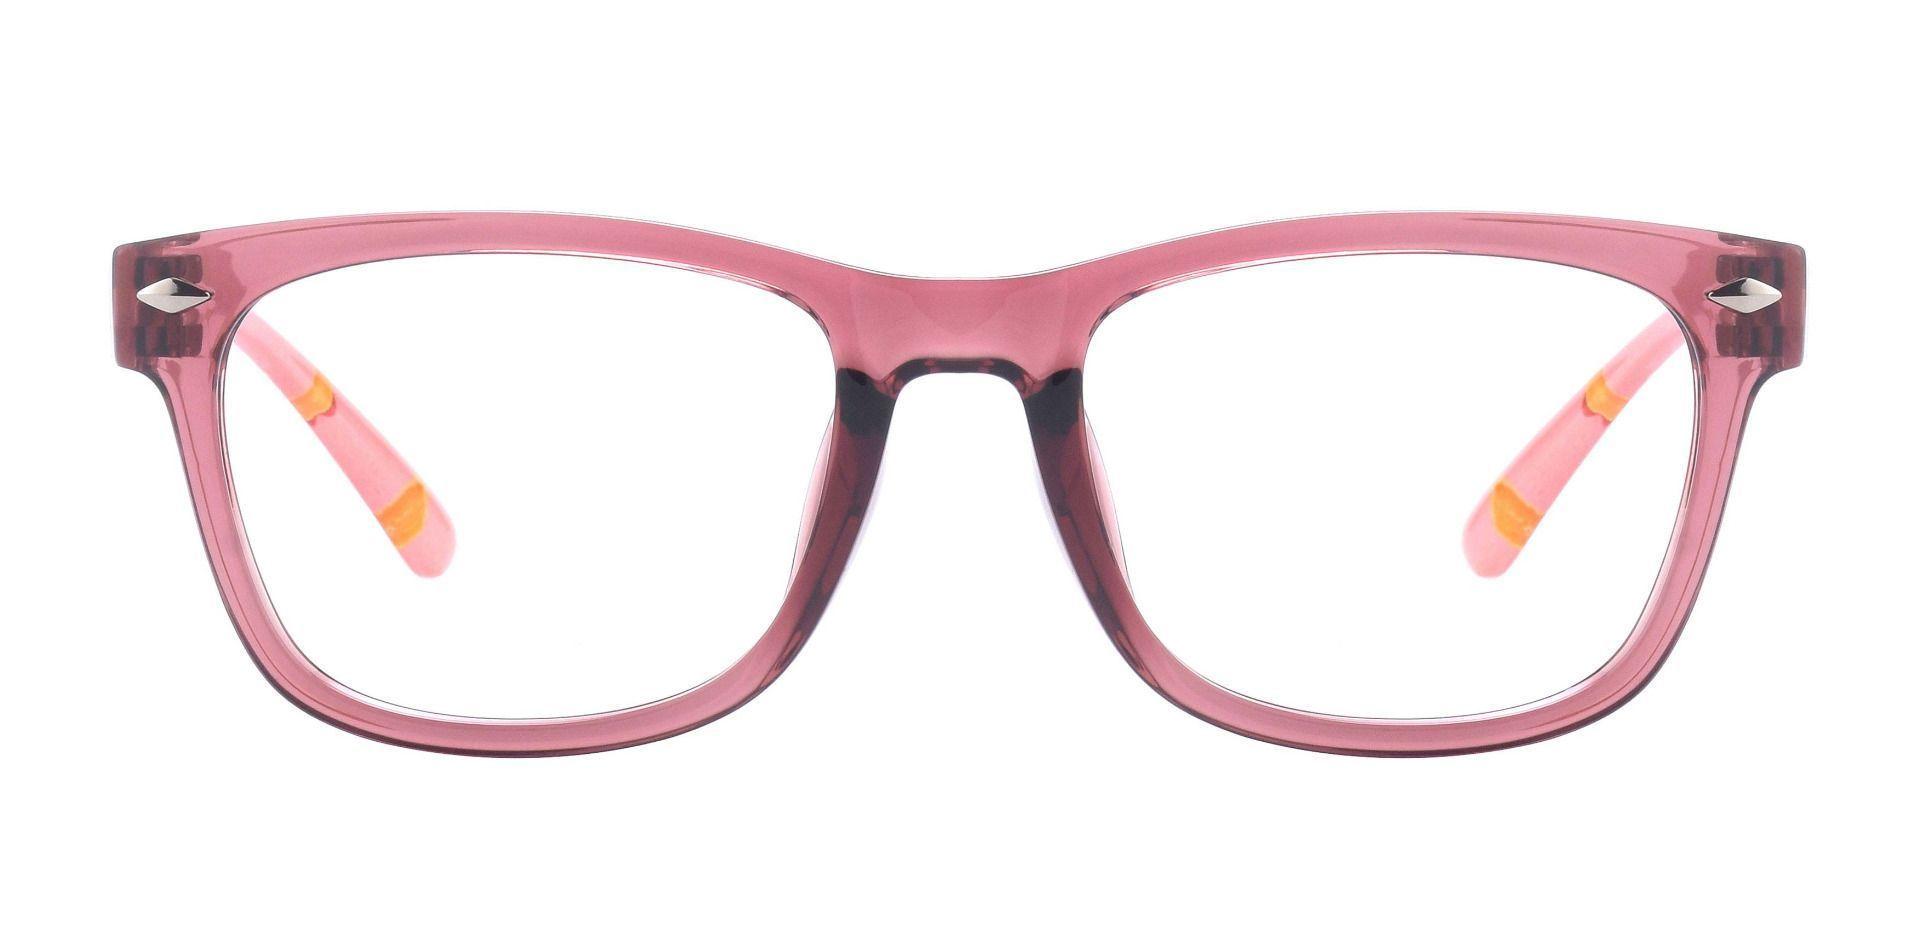 Tessa Classic Square Prescription Glasses - Pink